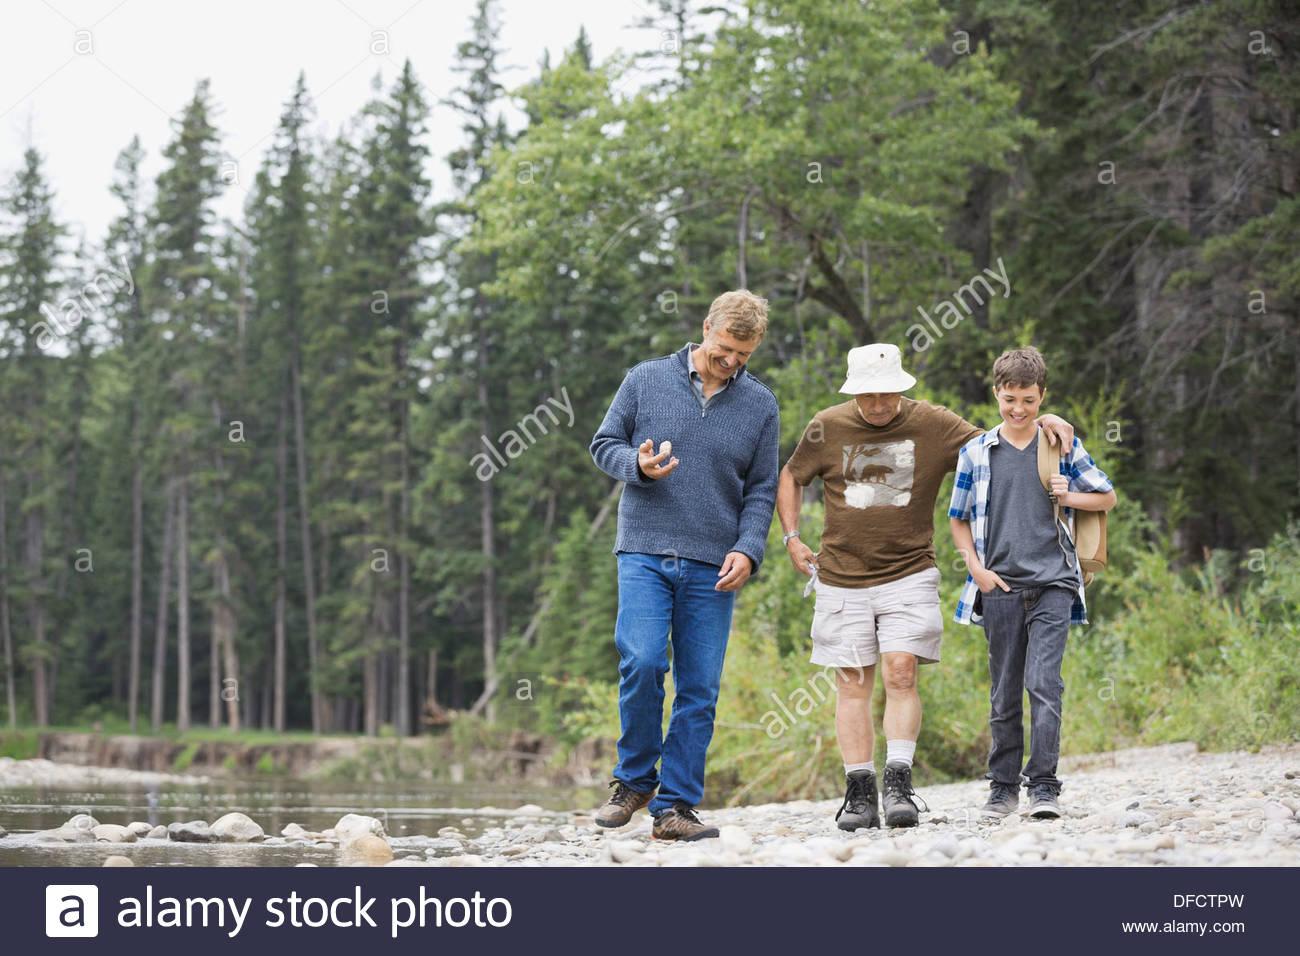 Trois hommes génération marche sur river bank Photo Stock